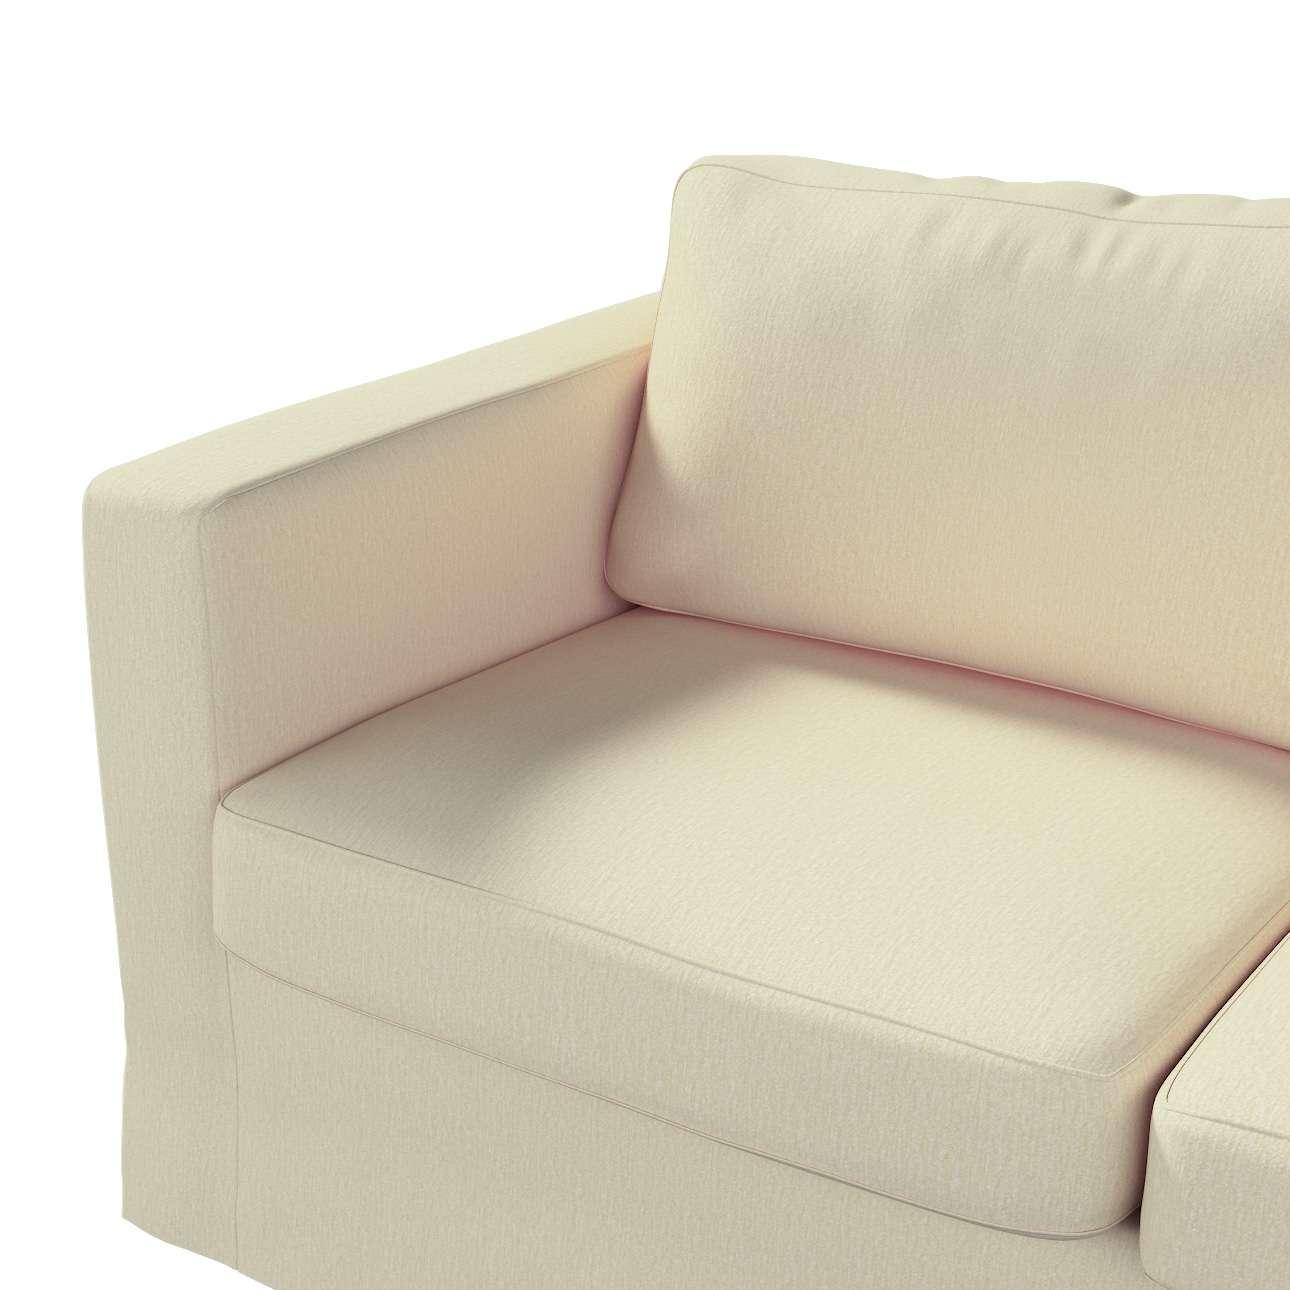 Pokrowiec na sofę Karlstad 2-osobową nierozkładaną długi w kolekcji Chenille, tkanina: 702-22